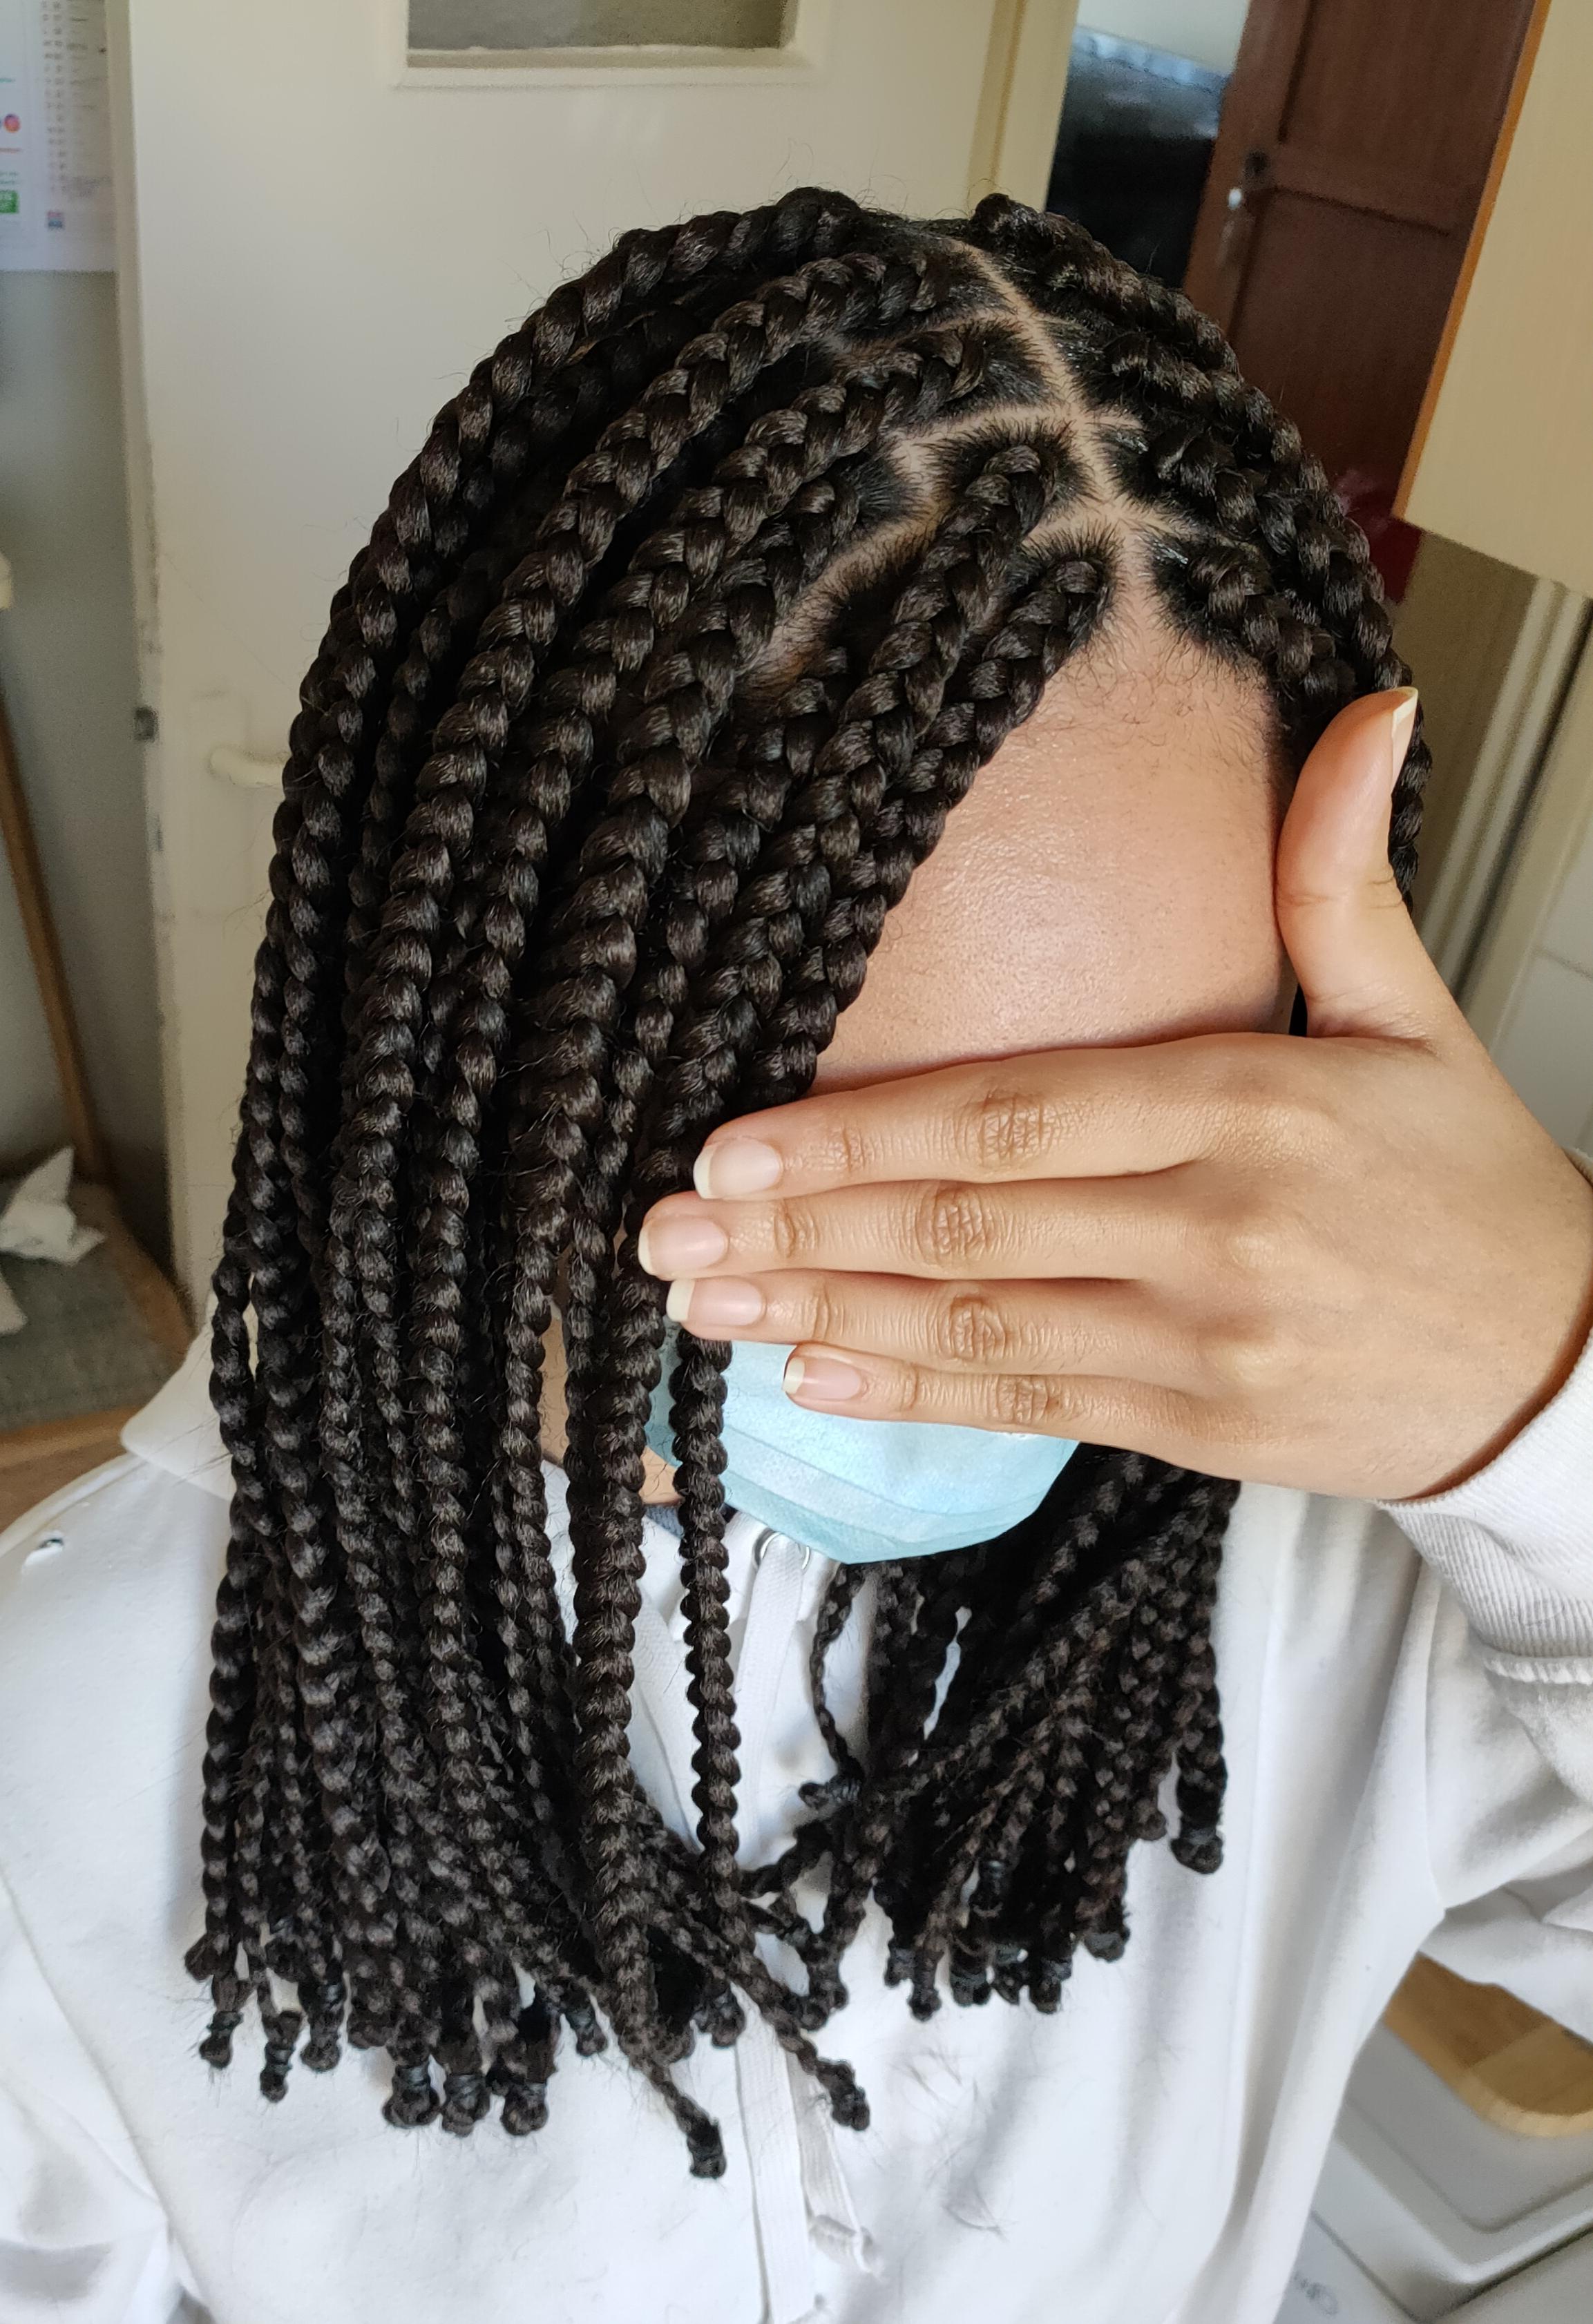 salon de coiffure afro tresse tresses box braids crochet braids vanilles tissages paris 75 77 78 91 92 93 94 95 UXYAURUB